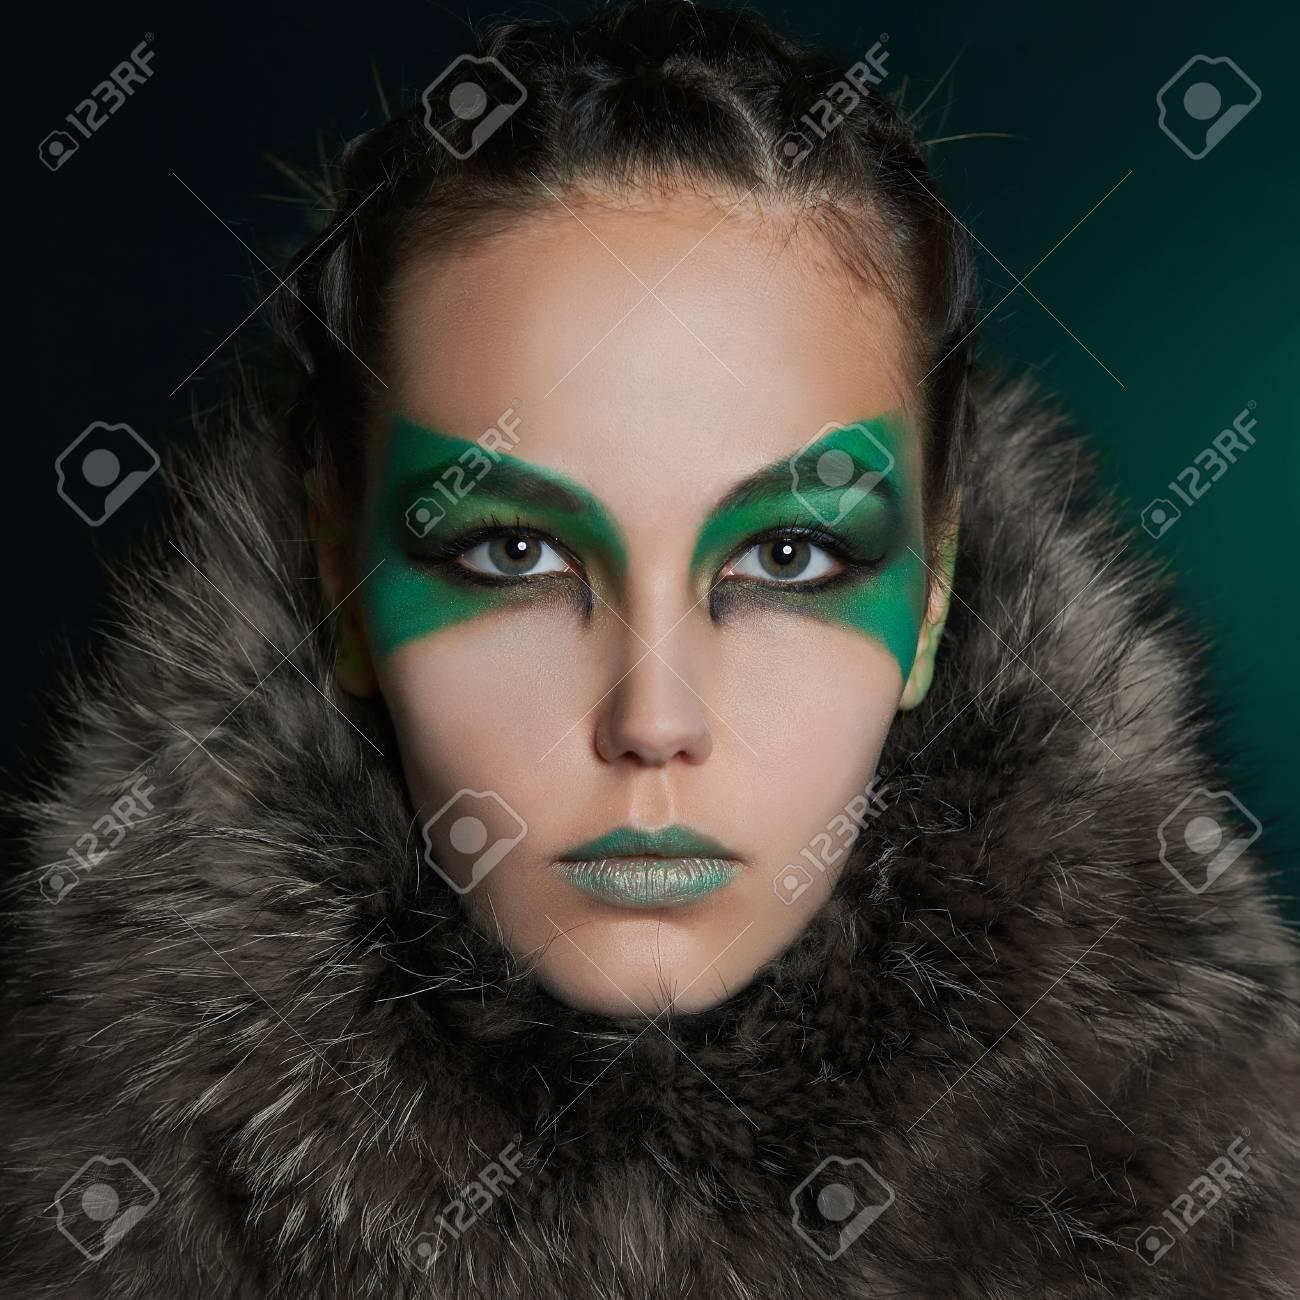 Banque d\u0027images , Fantaisie femme en fourrure et maquillage vert. Fartée  belle fille.barbarien qui vit dans les bois